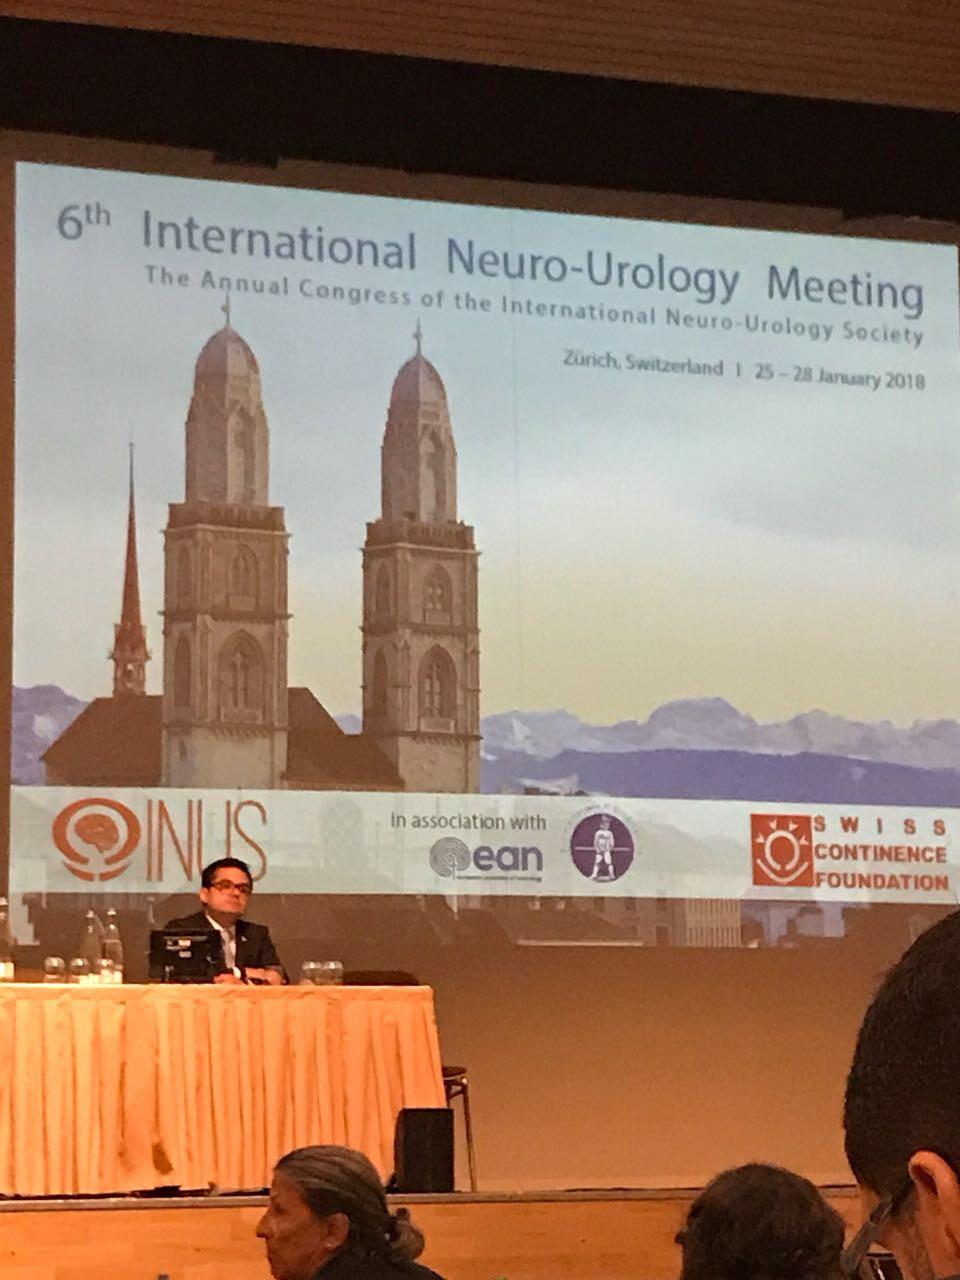 6th International Neurourology Meeting. Zurich, Switzerland. 2018